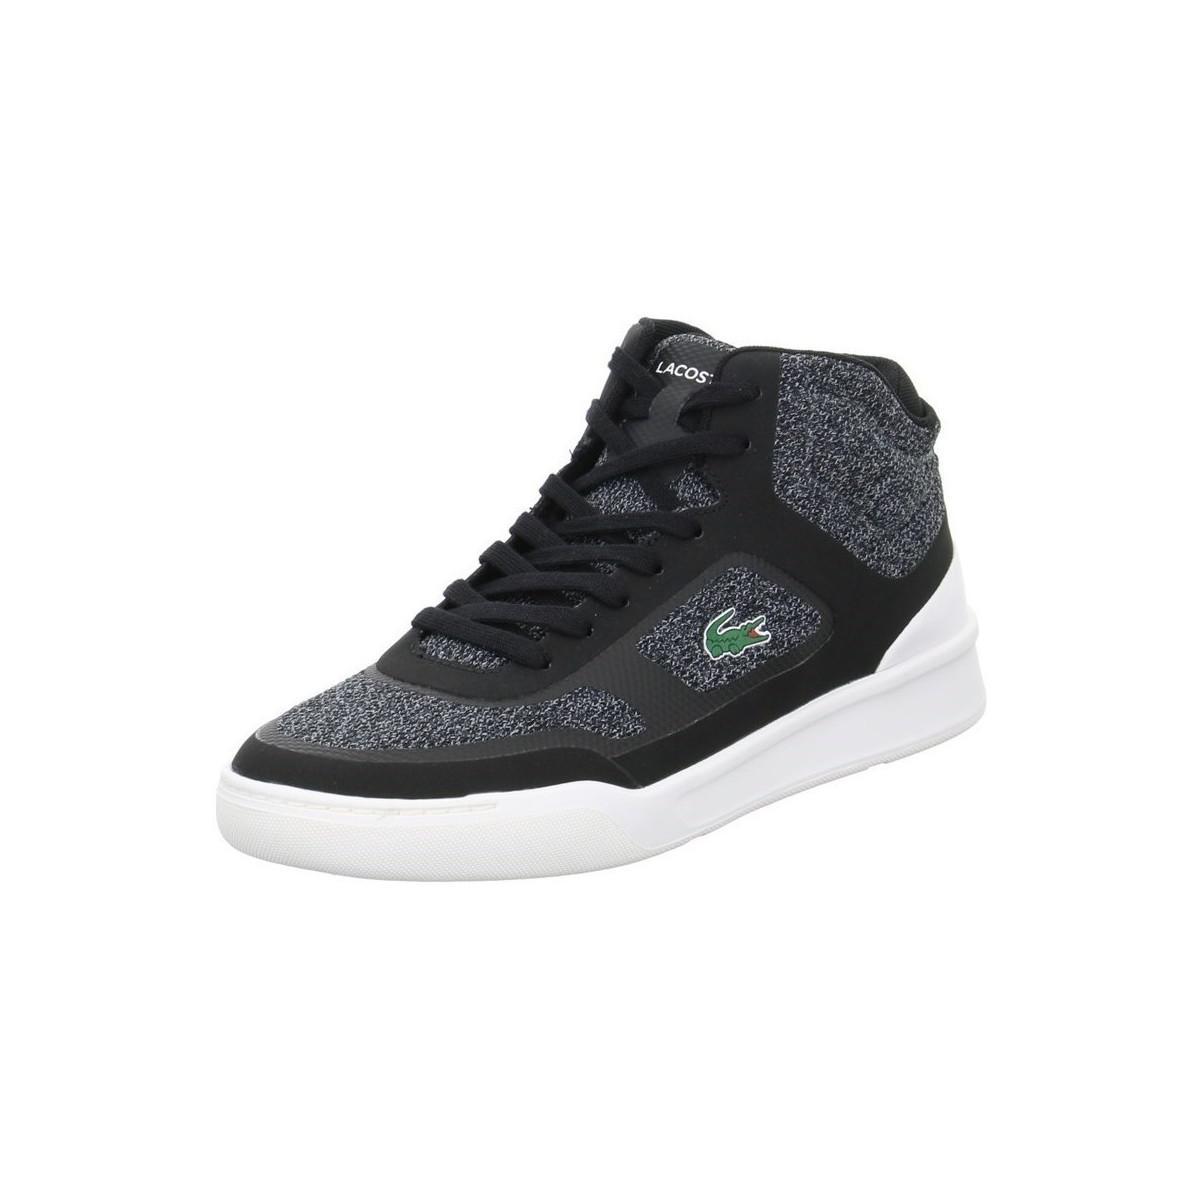 656feb15c14424 Lacoste Explorateur Spt Mid Men s Shoes (high-top Trainers) In Black ...